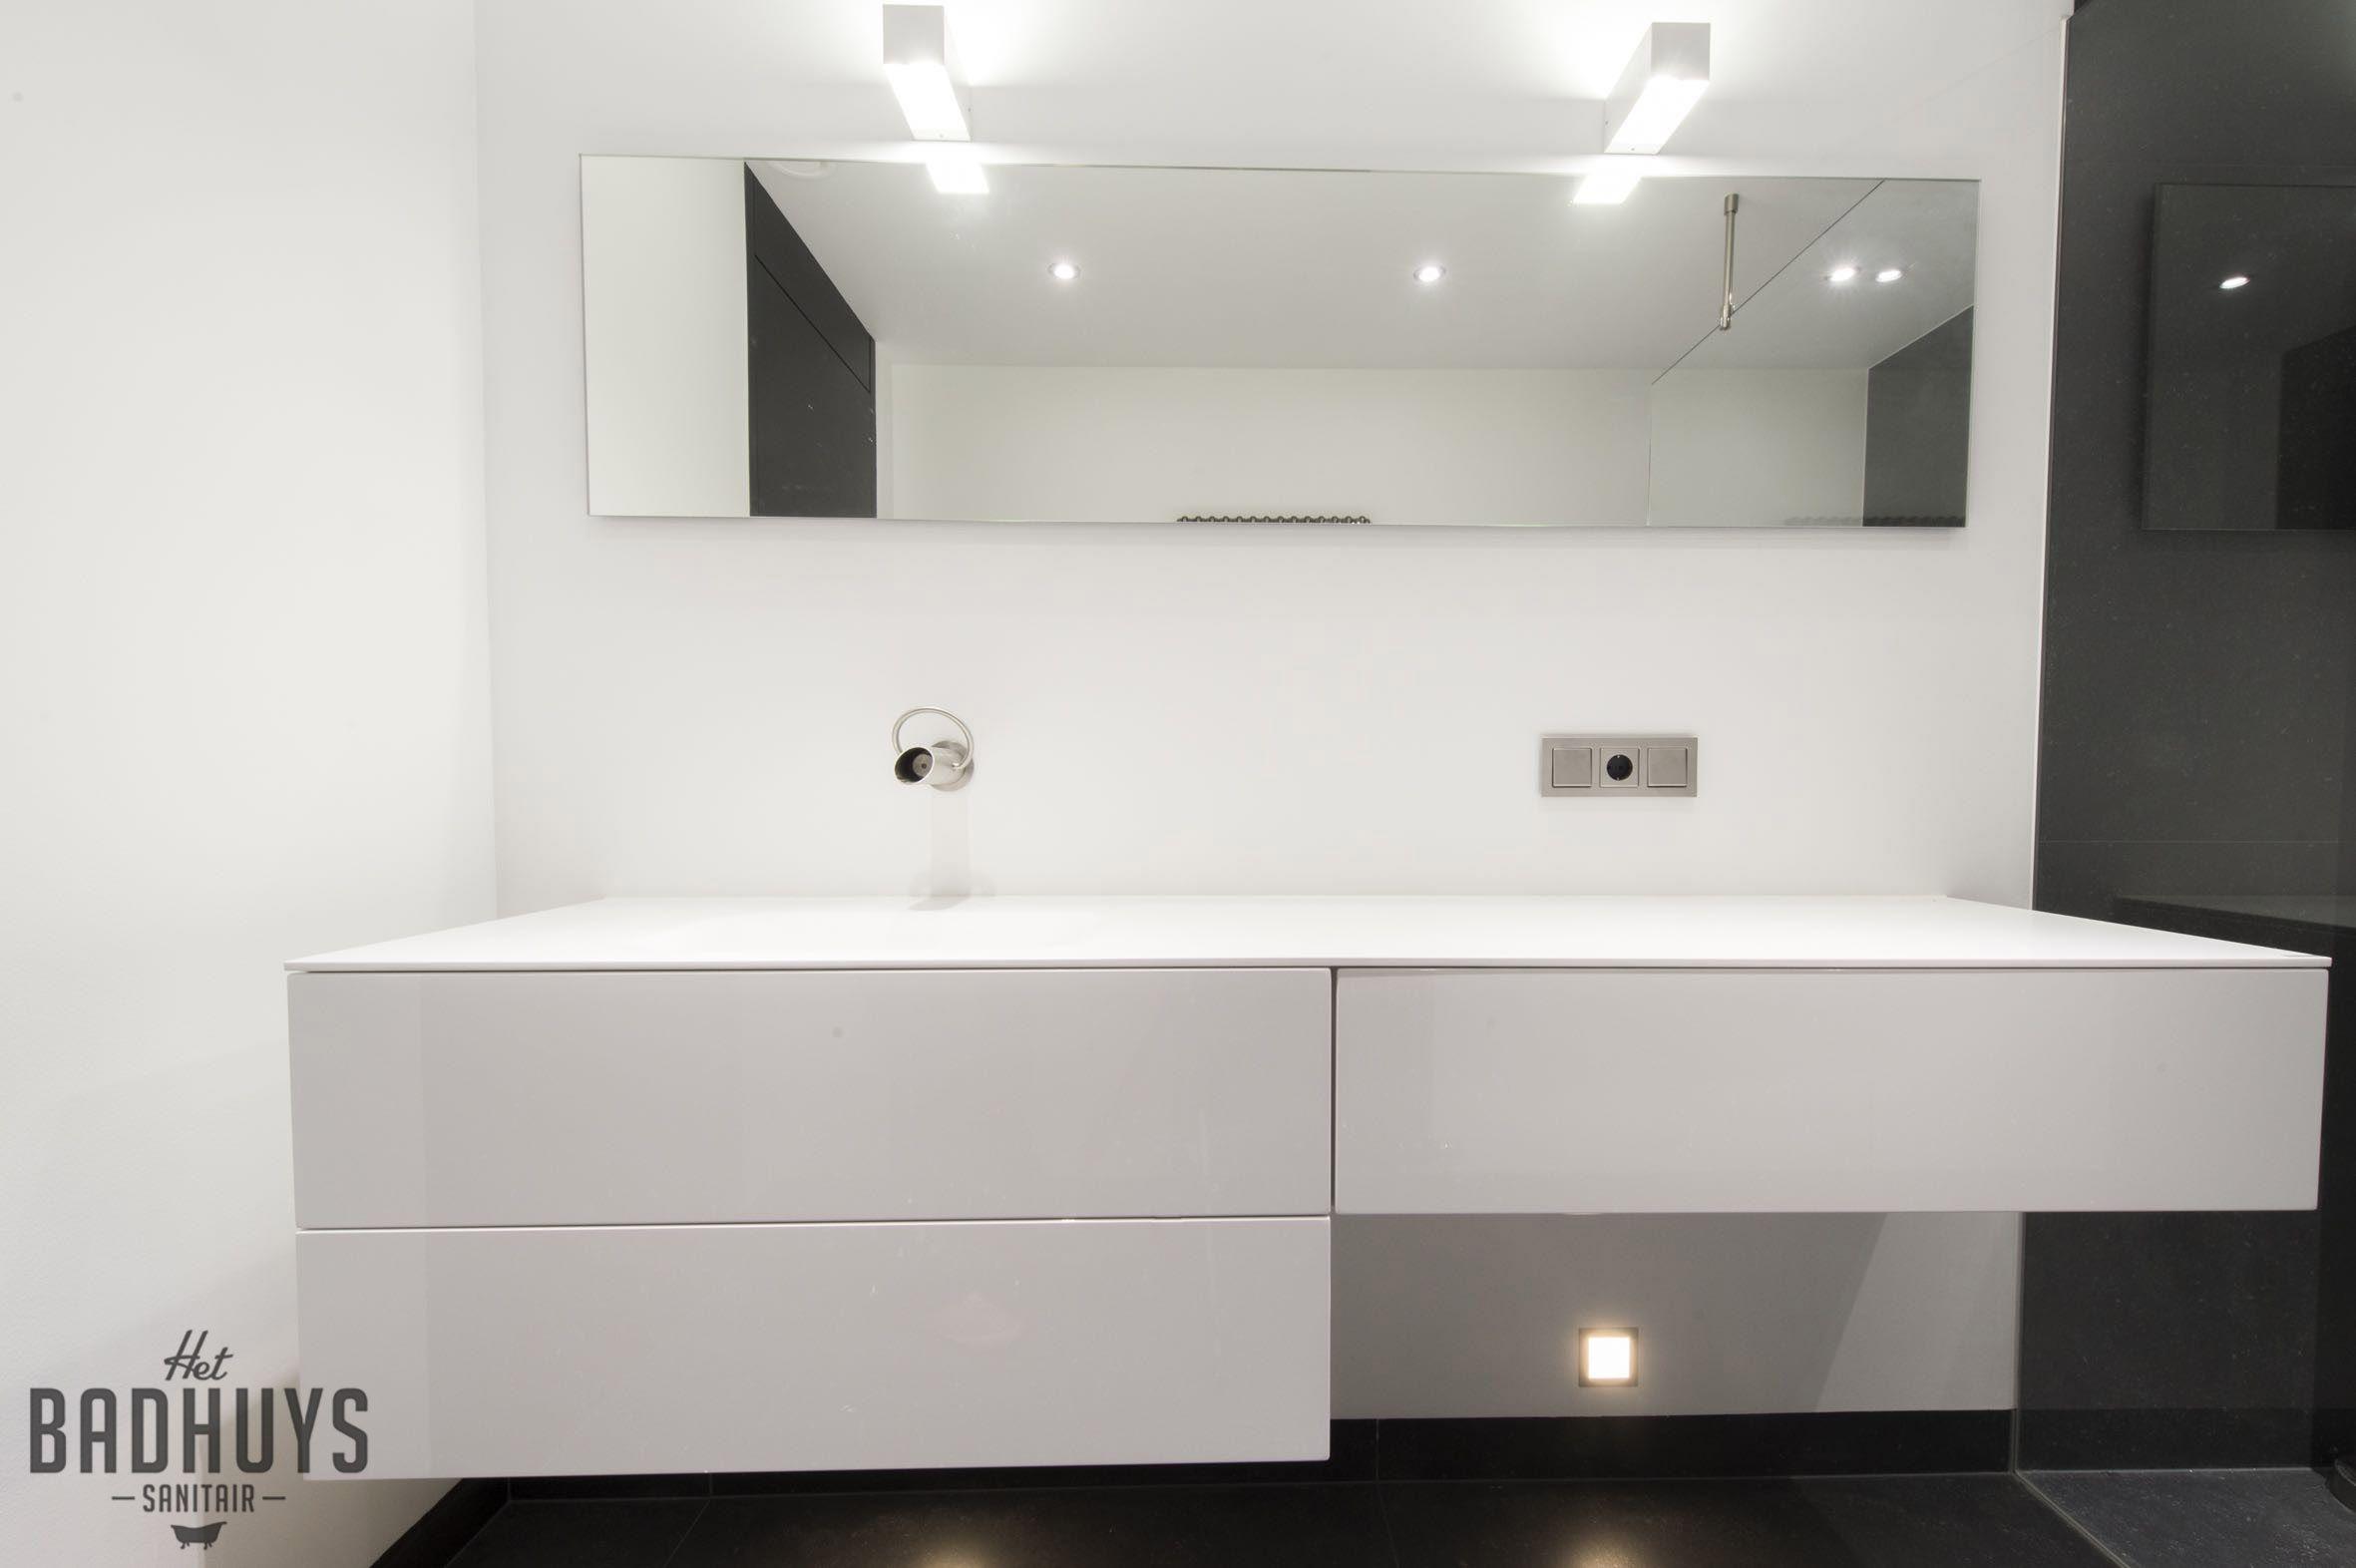 Minimalistische badkamer combinatie zwart en wit het badhuys